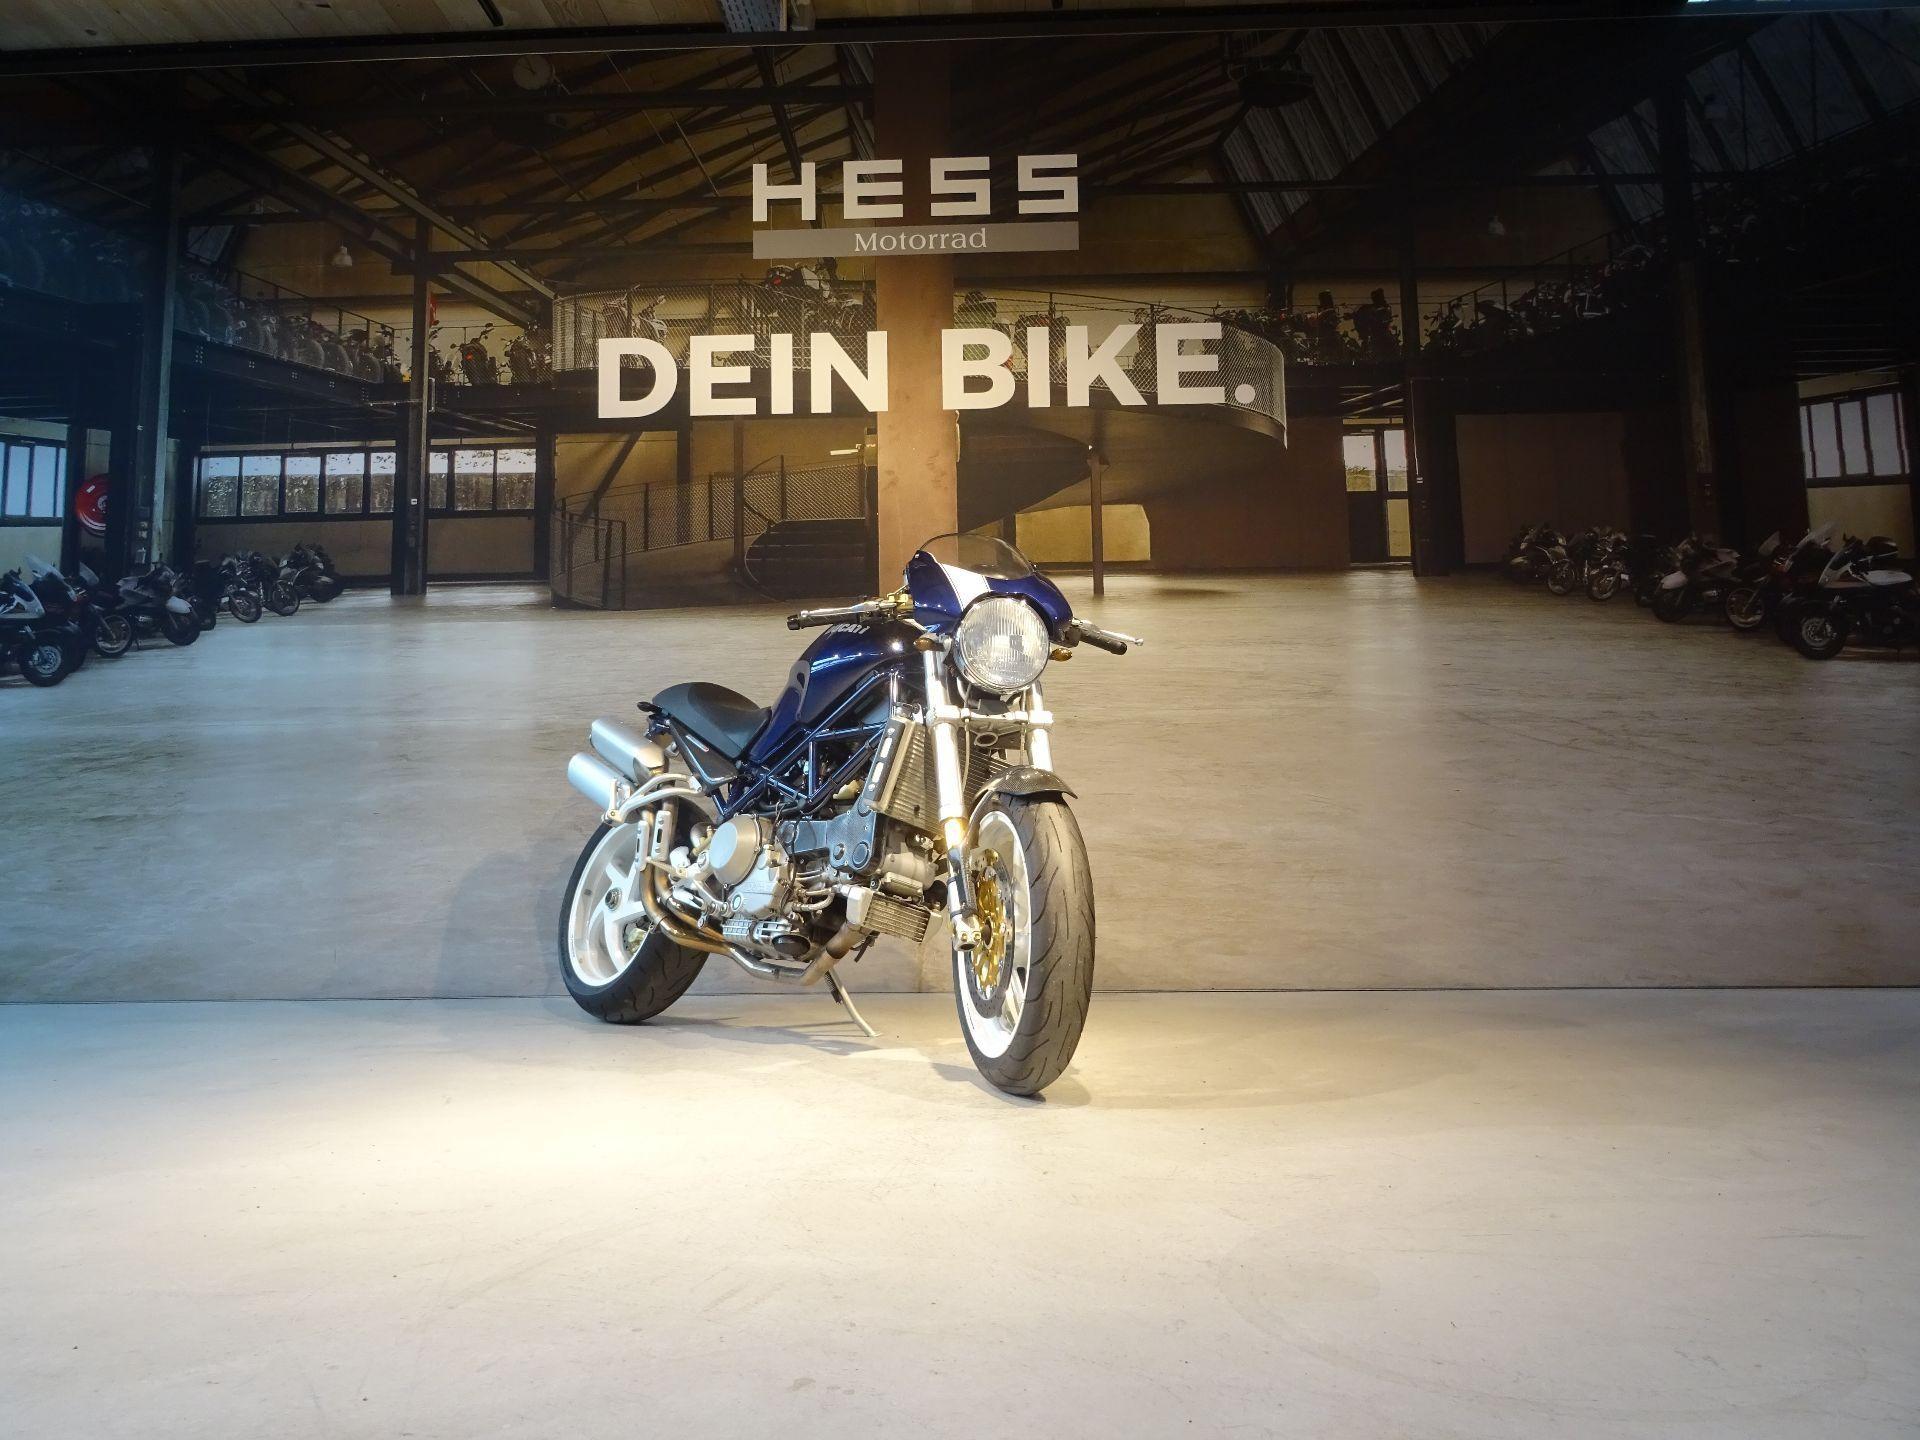 motorrad occasion kaufen ducati 996 monster s4 r hess motorrad stettlen. Black Bedroom Furniture Sets. Home Design Ideas